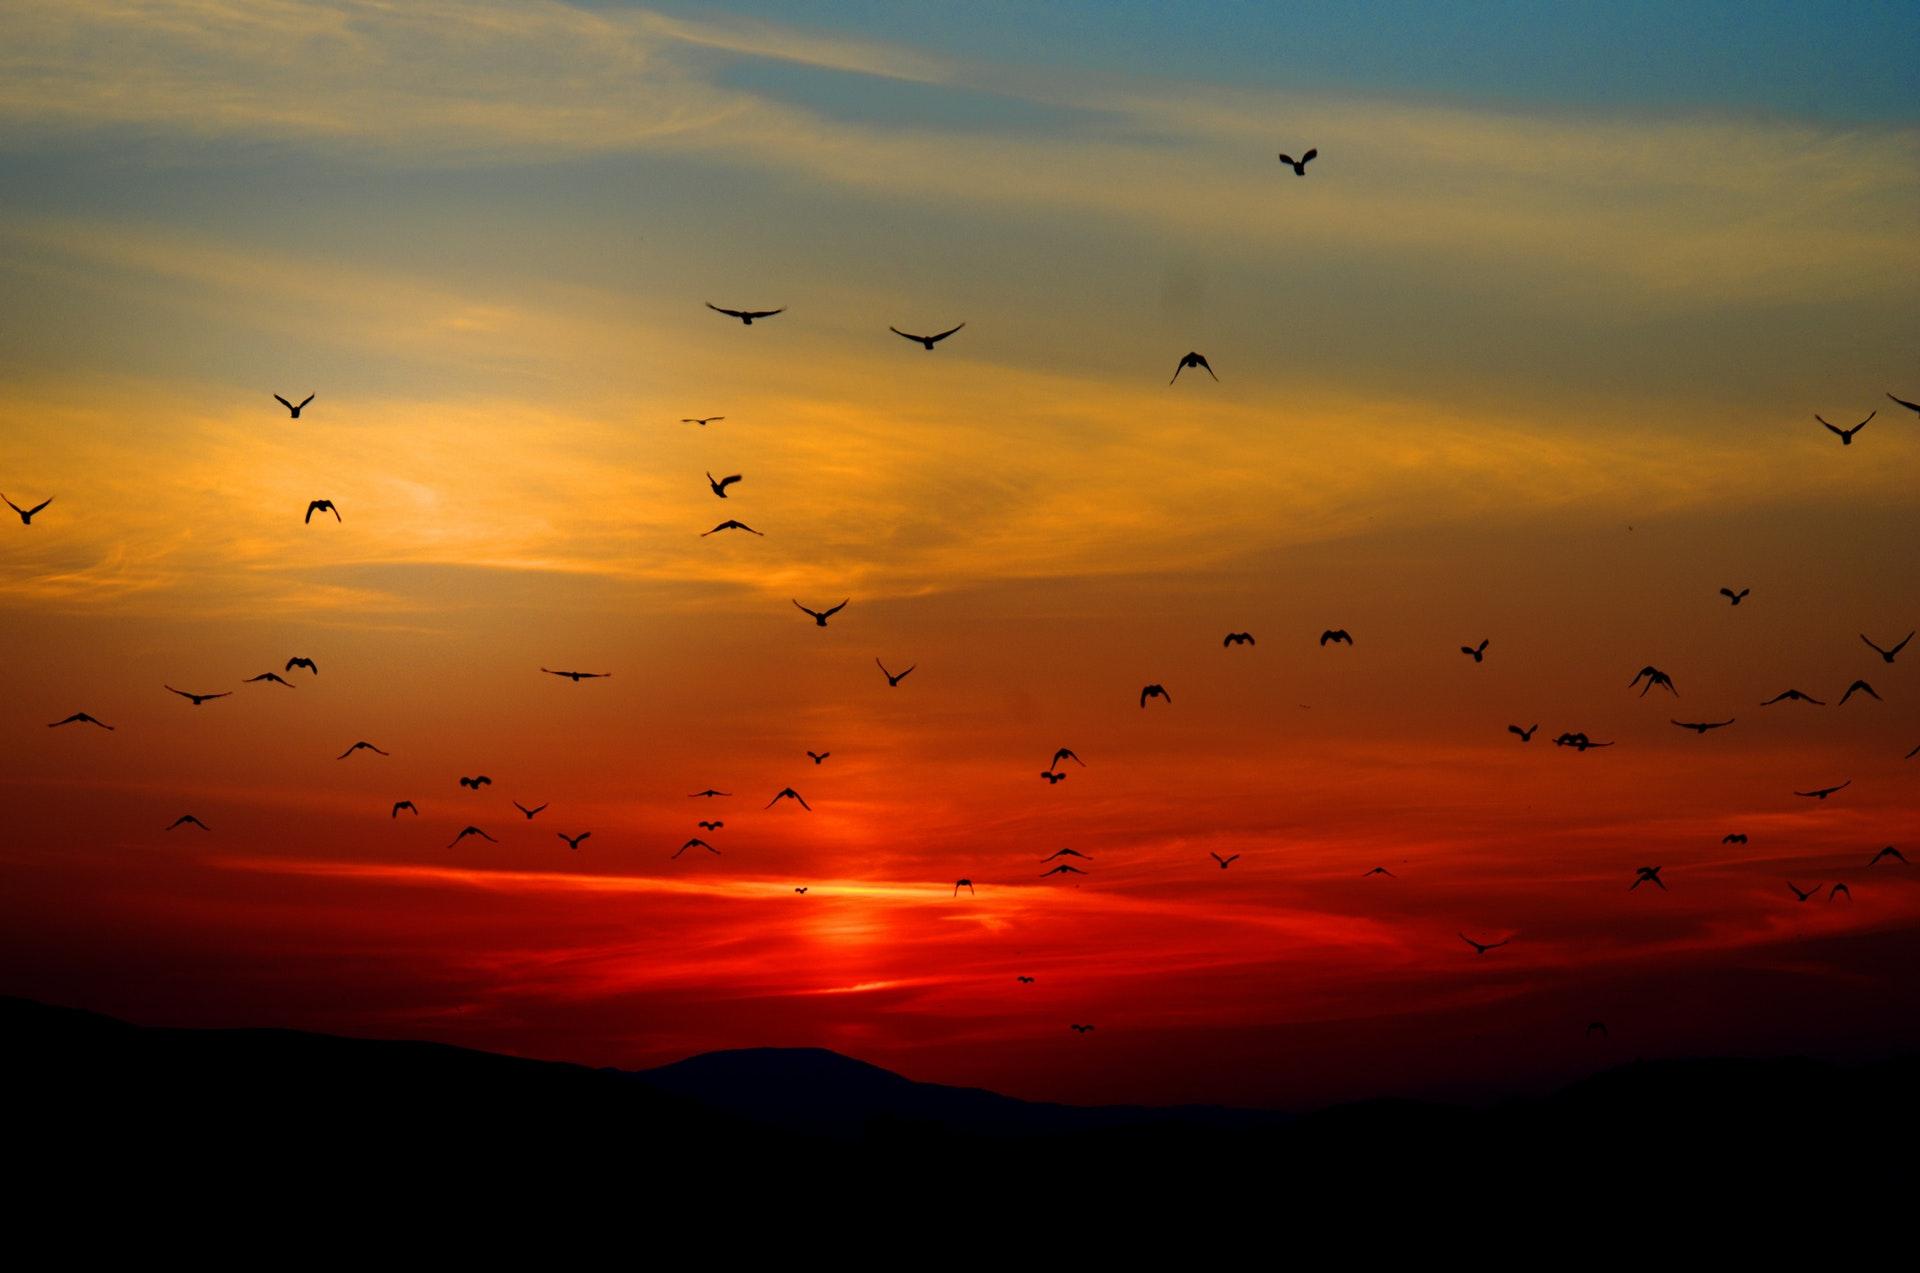 Phong cảnh đẹp đàn chim đón bình minh